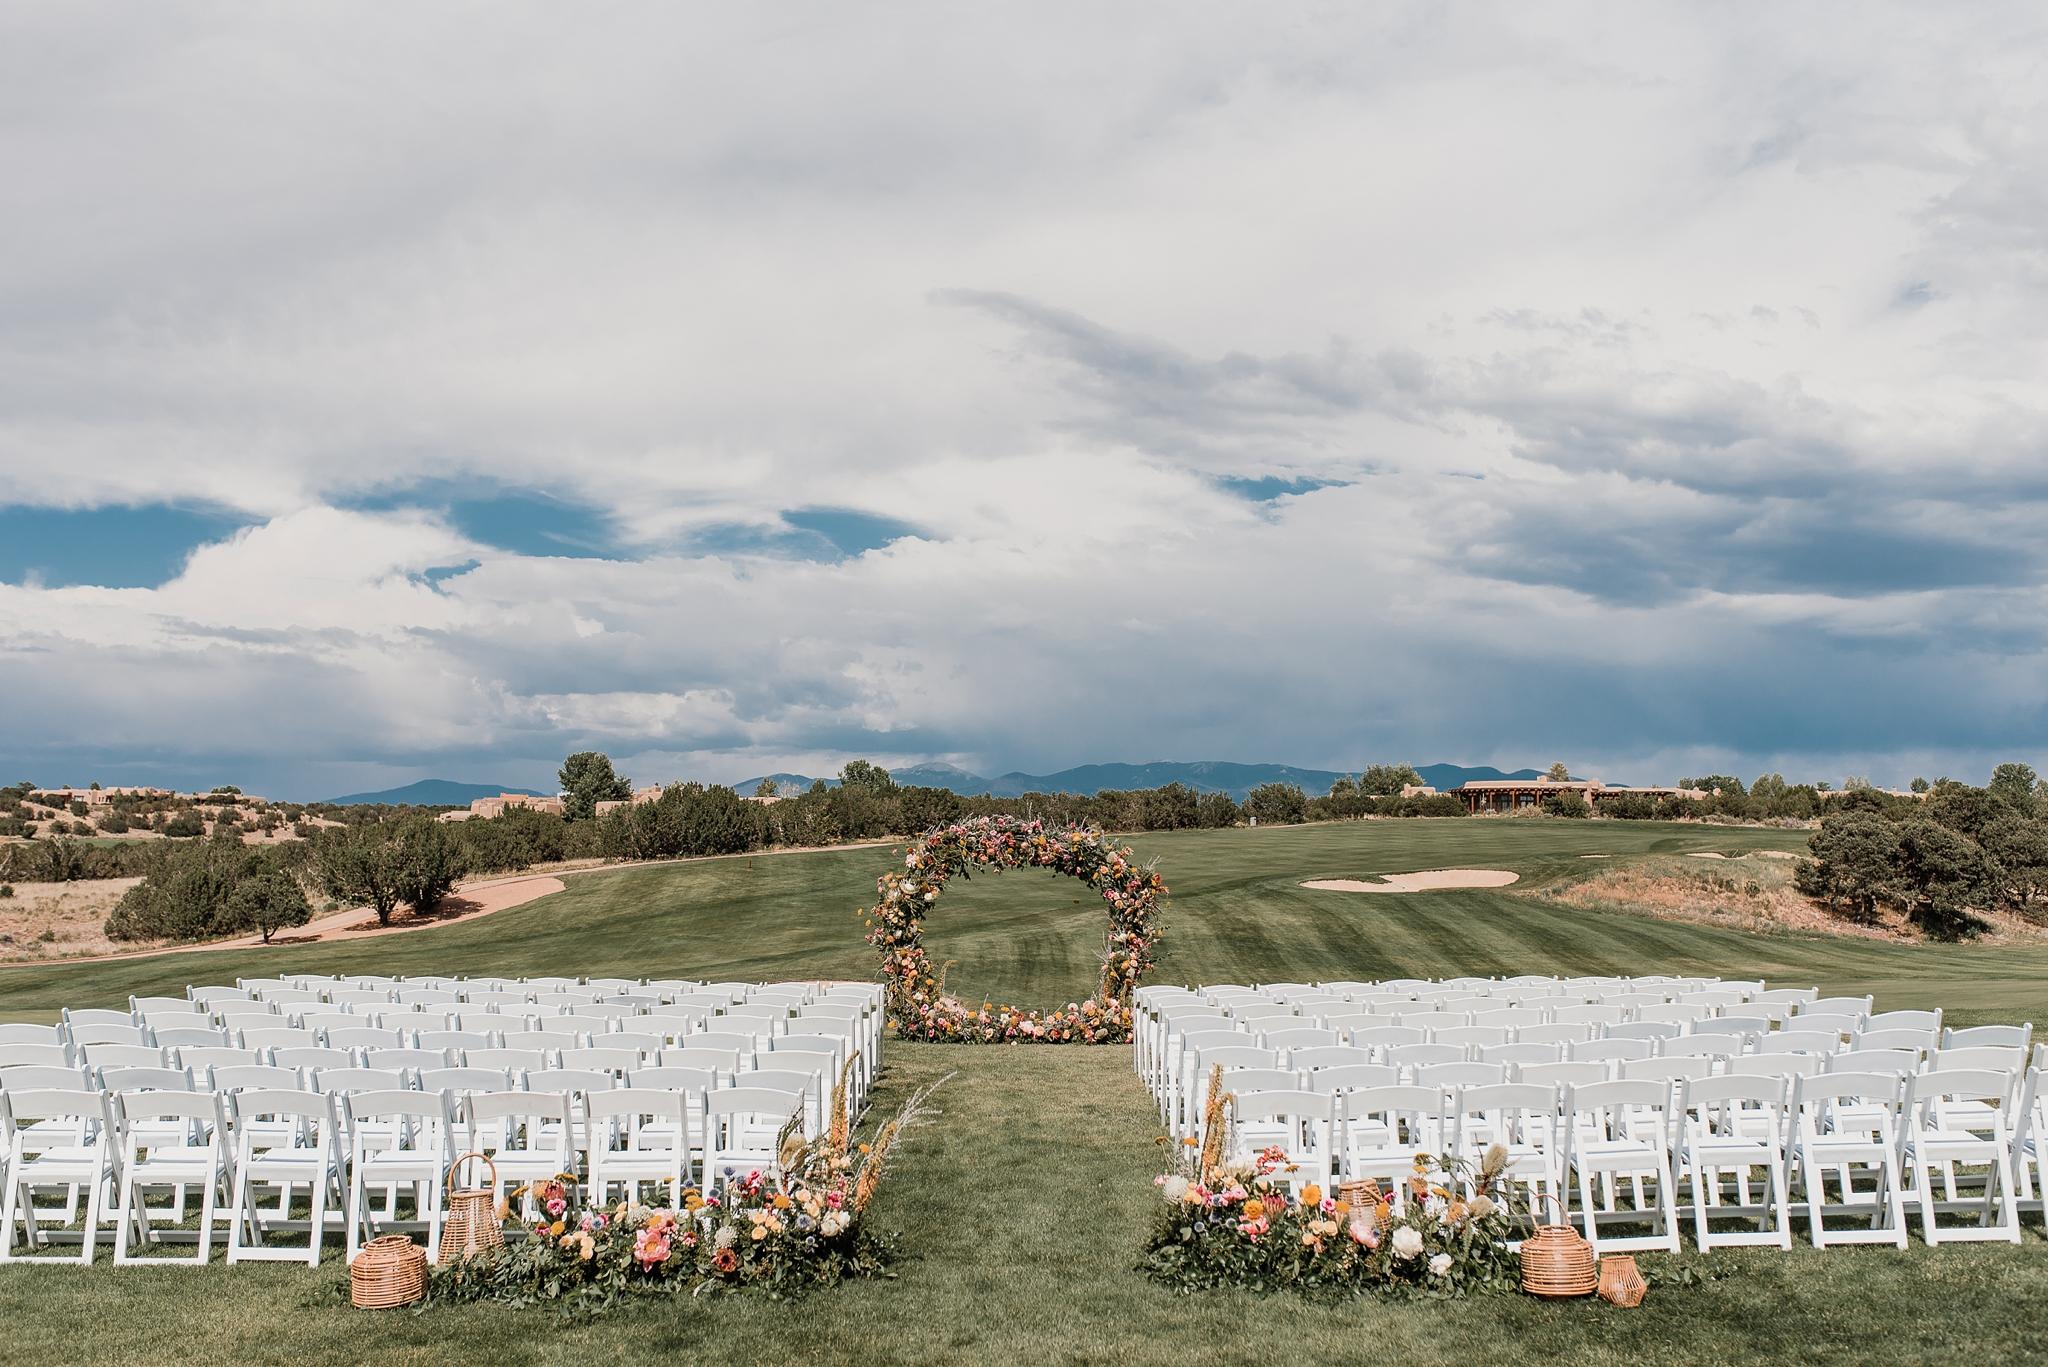 Alicia+lucia+photography+-+albuquerque+wedding+photographer+-+santa+fe+wedding+photography+-+new+mexico+wedding+photographer+-+new+mexico+wedding+-+las+campanas+wedding+-+santa+fe+wedding+-+maximalist+wedding+-+destination+wedding_0044.jpg